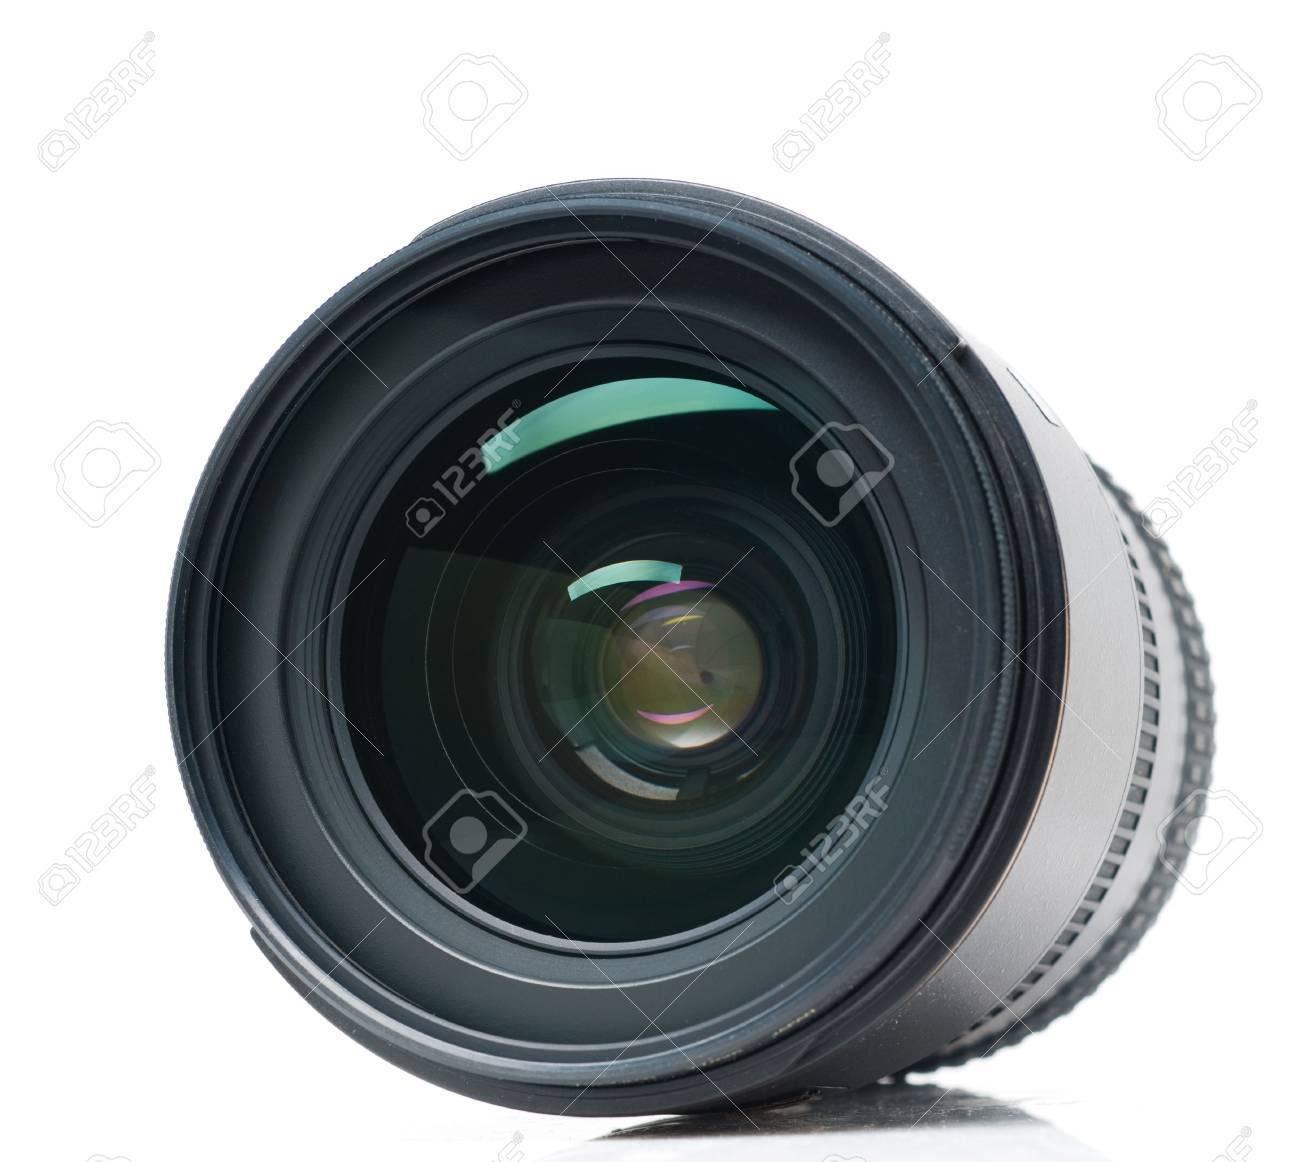 Isolated camera lens Stock Photo - 6392777